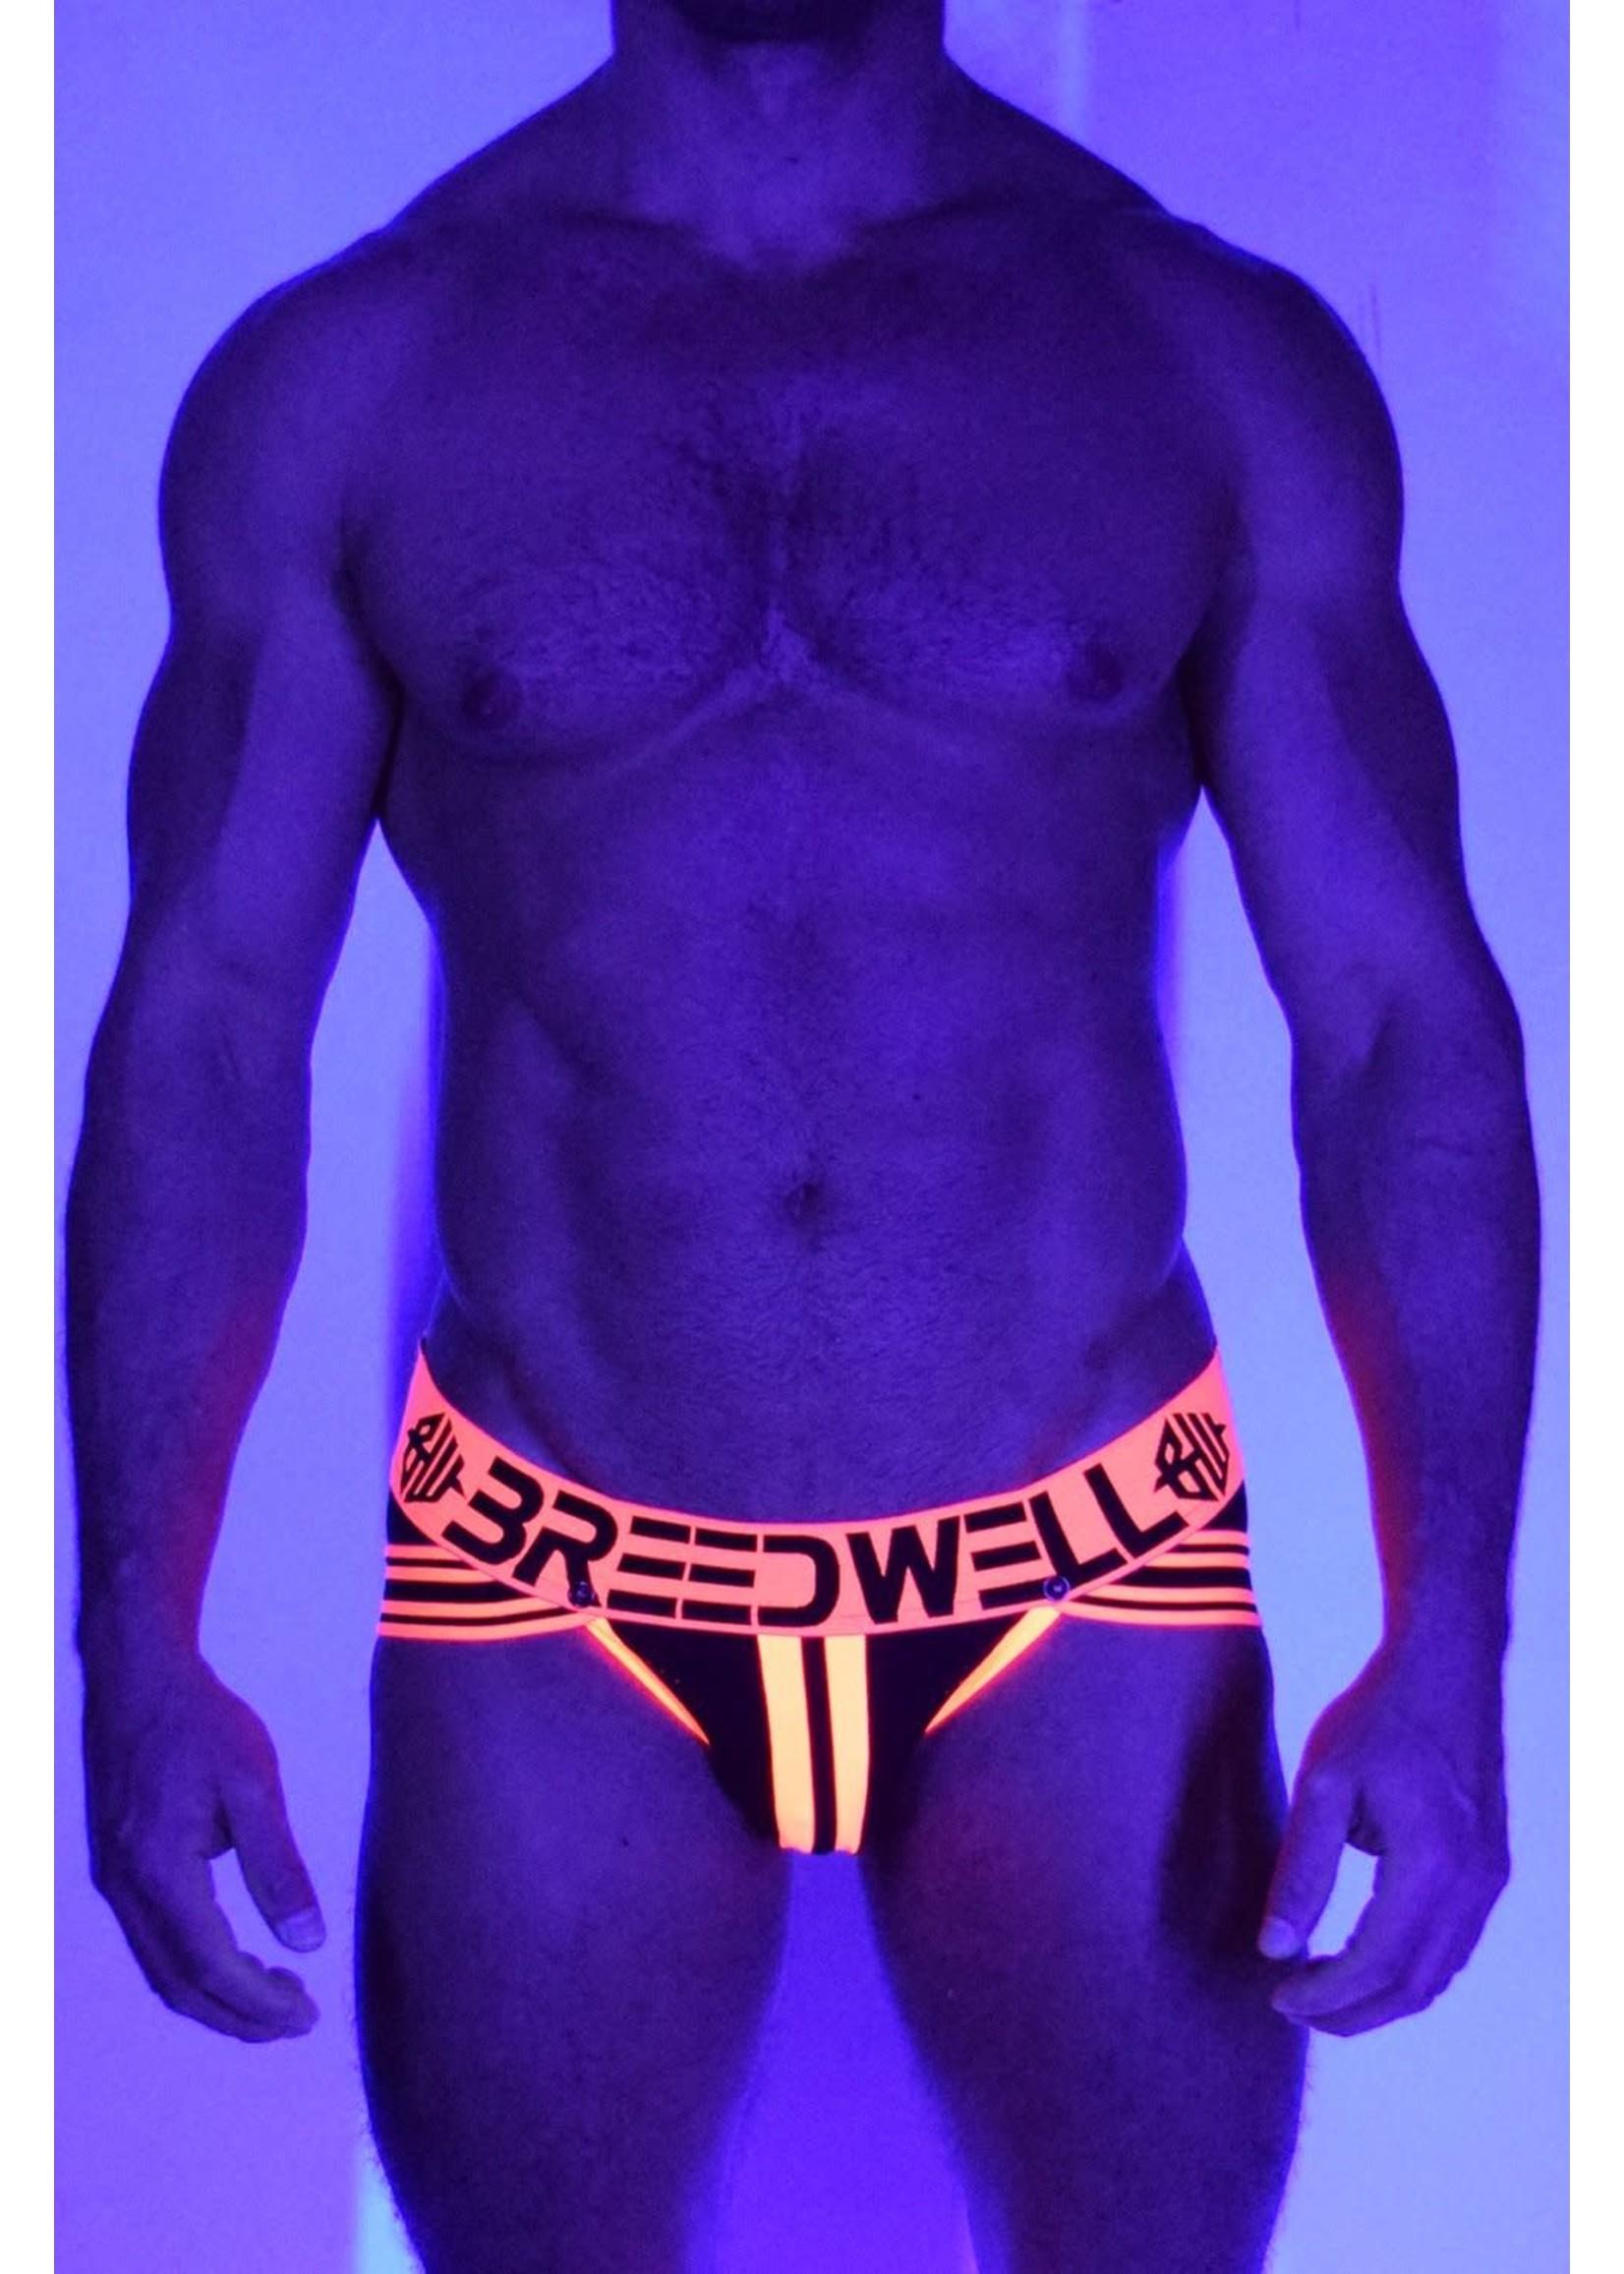 Breedwell Breedwell Blacklight Circuit Jock